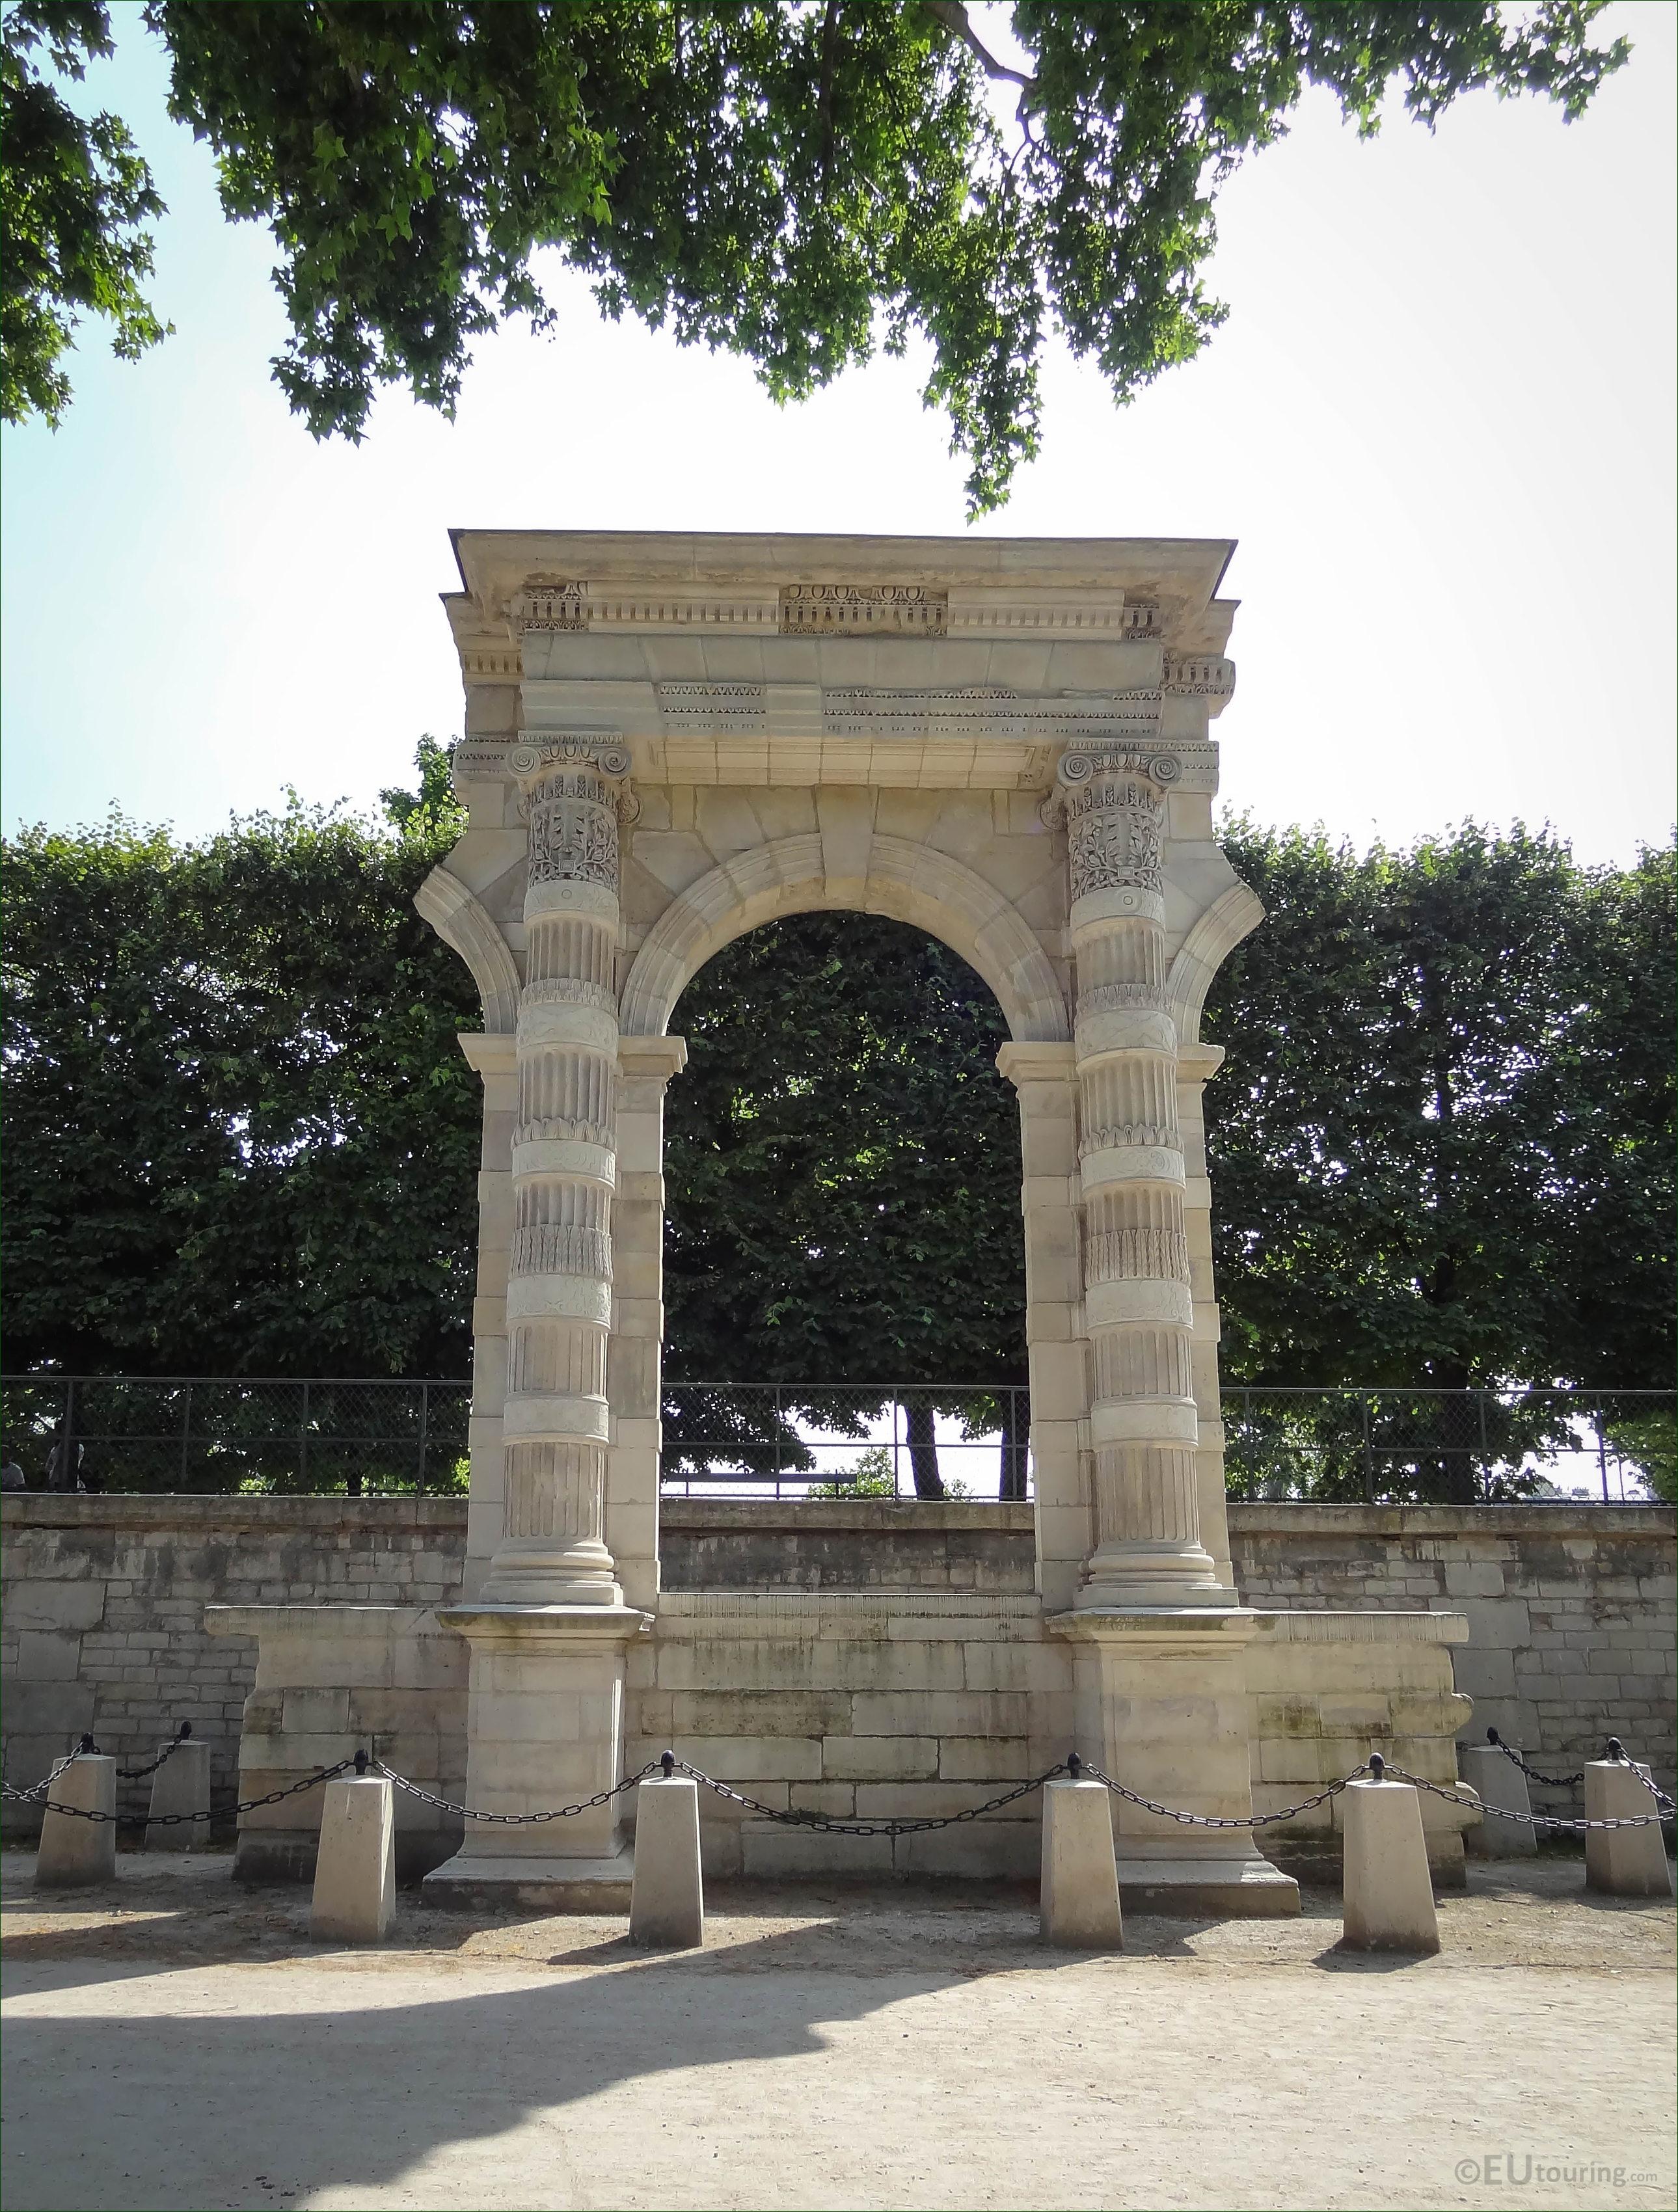 Vestige du Palais des Tuileries in Jardin des Tuileries - Page 708